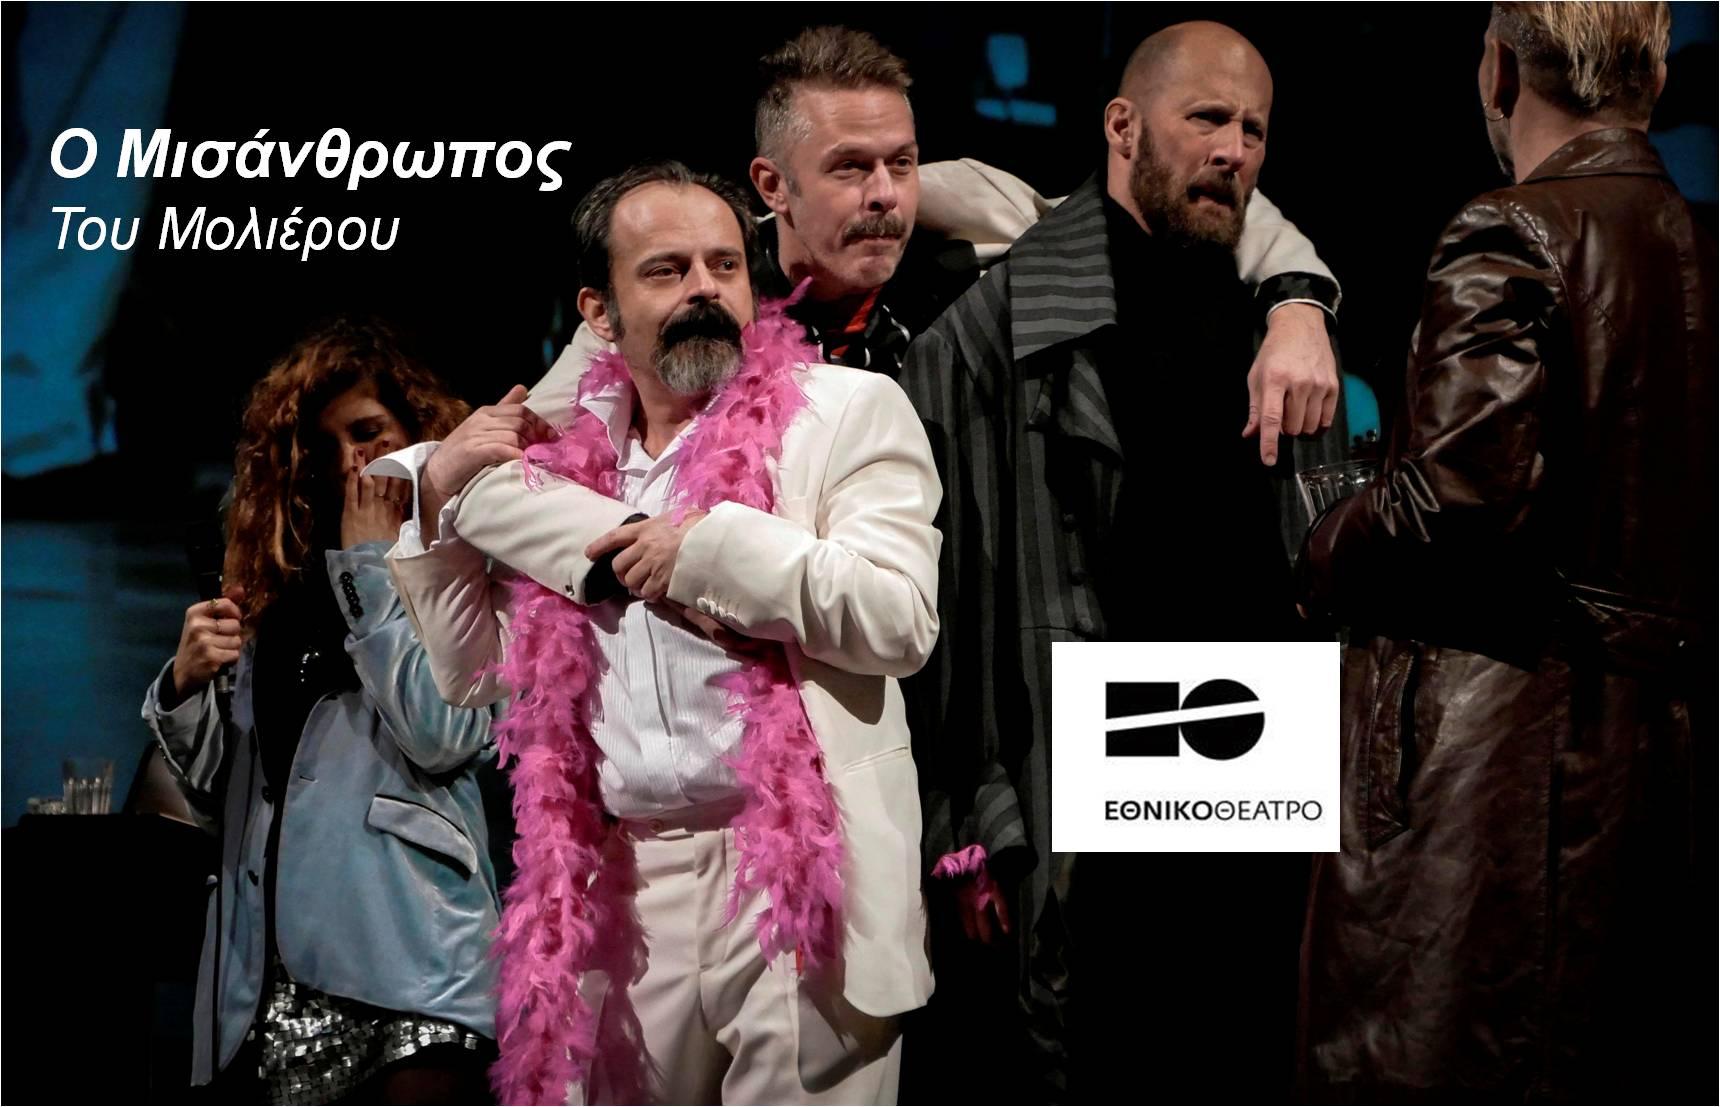 12€ από 15€ για είσοδο 1 ατόμου στον ''Μισάνθρωπο'', το διασημότερο έργο του Μολιέρου, σε σκηνοθεσία Γιάννη Χουβαρδά, στην κεντρική σκηνή του ΕΘΝΙΚΟΥ ΘΕΑΤΡΟΥ